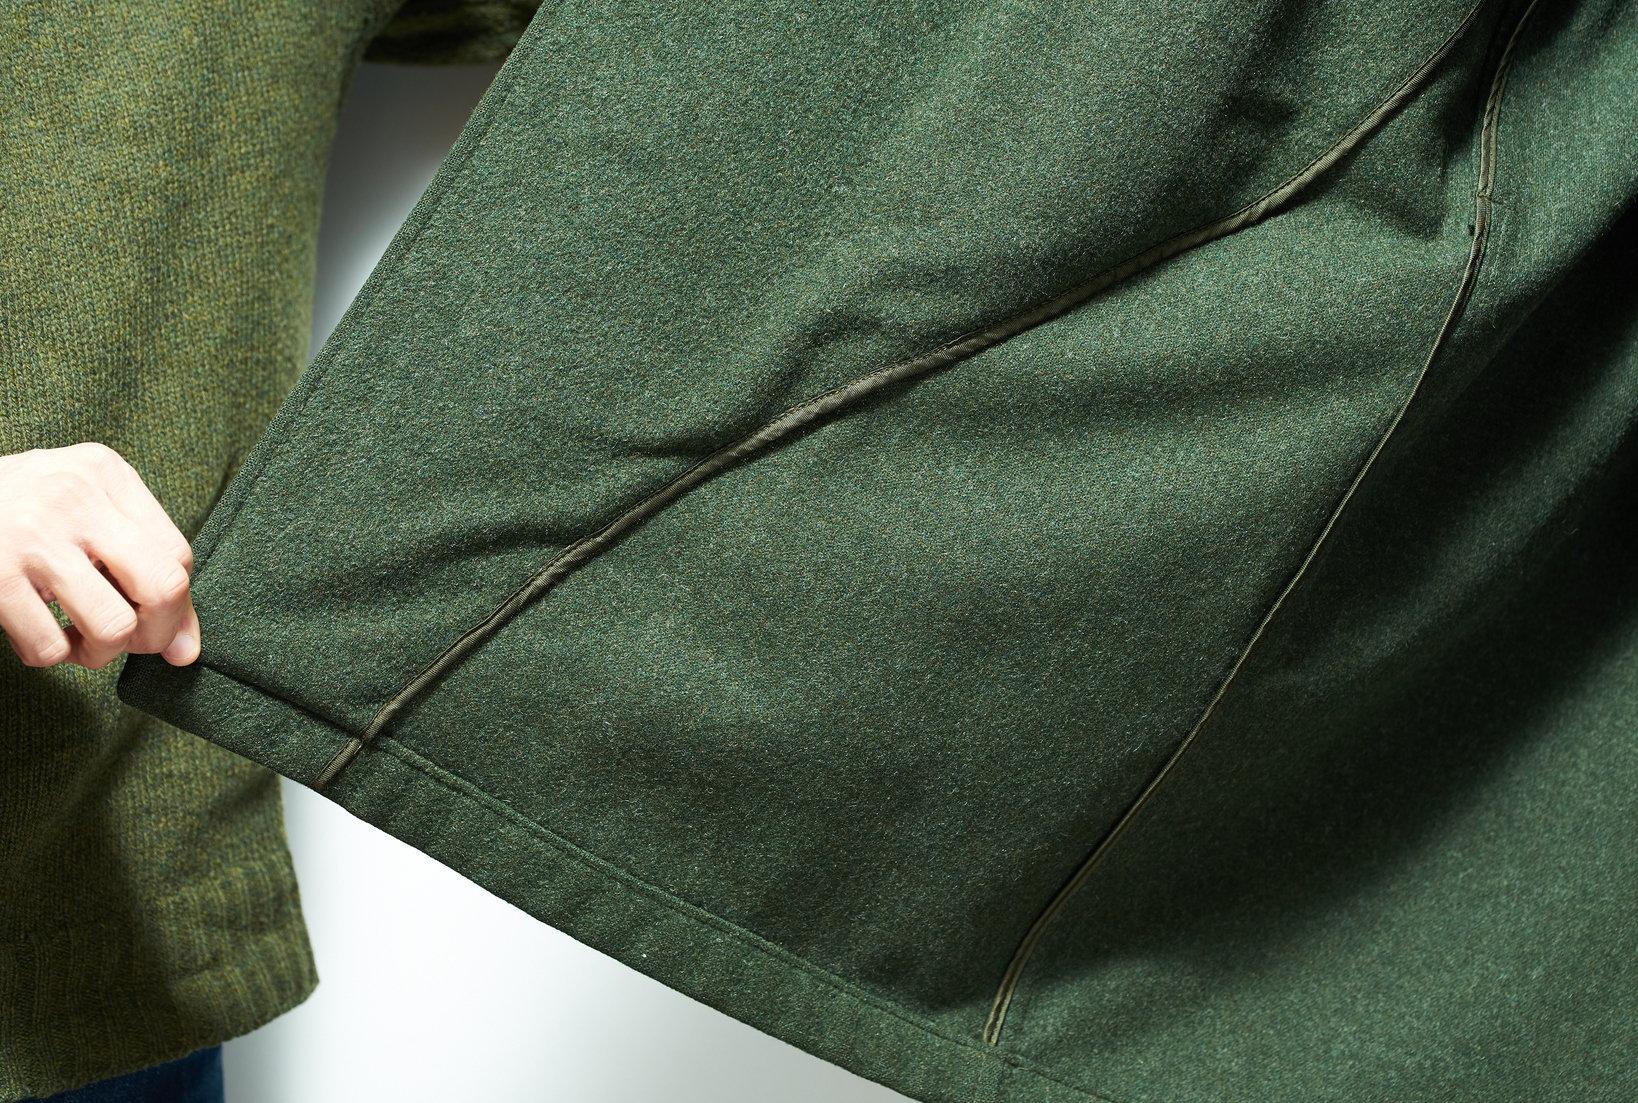 ローデンコートは身頃に裏地を付けず見返しの表地を広く取る「単衣仕立て」が一般的。